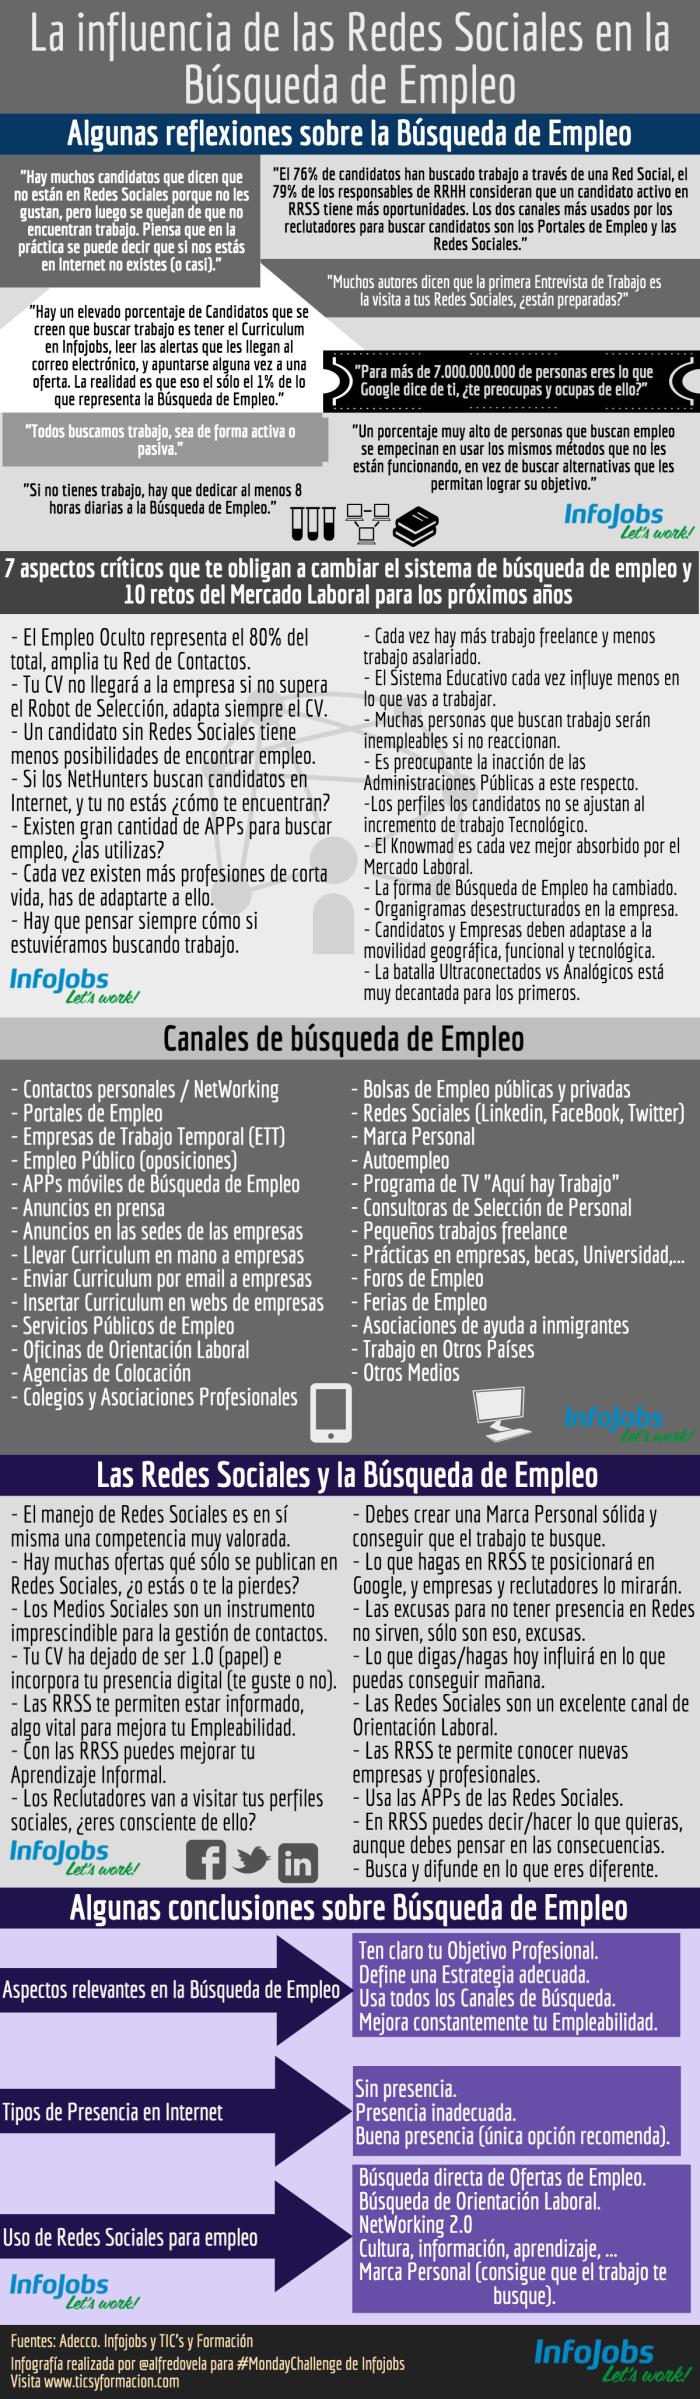 Influencia de las Redes Sociales en la Búsqueda de Empleo